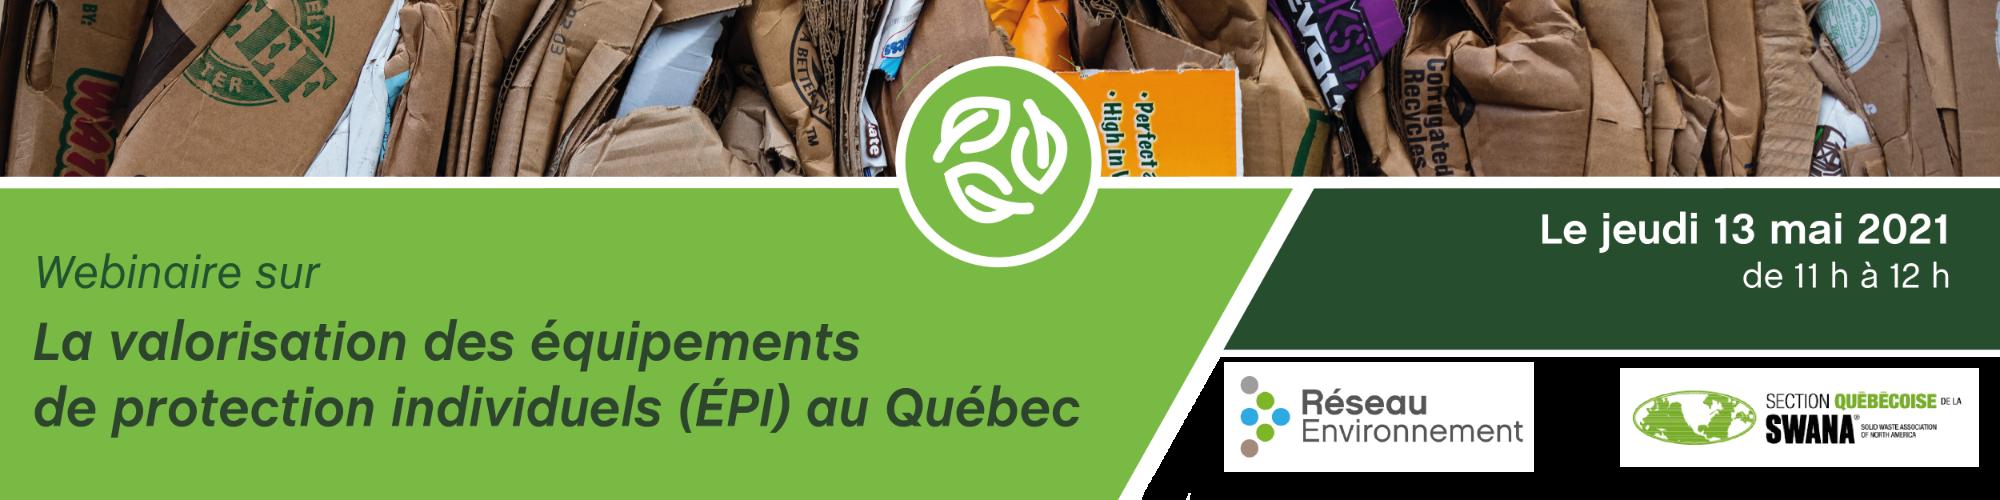 Webinaire SQ-SWANA - Valorisation des équipements de protection individuels au Québec